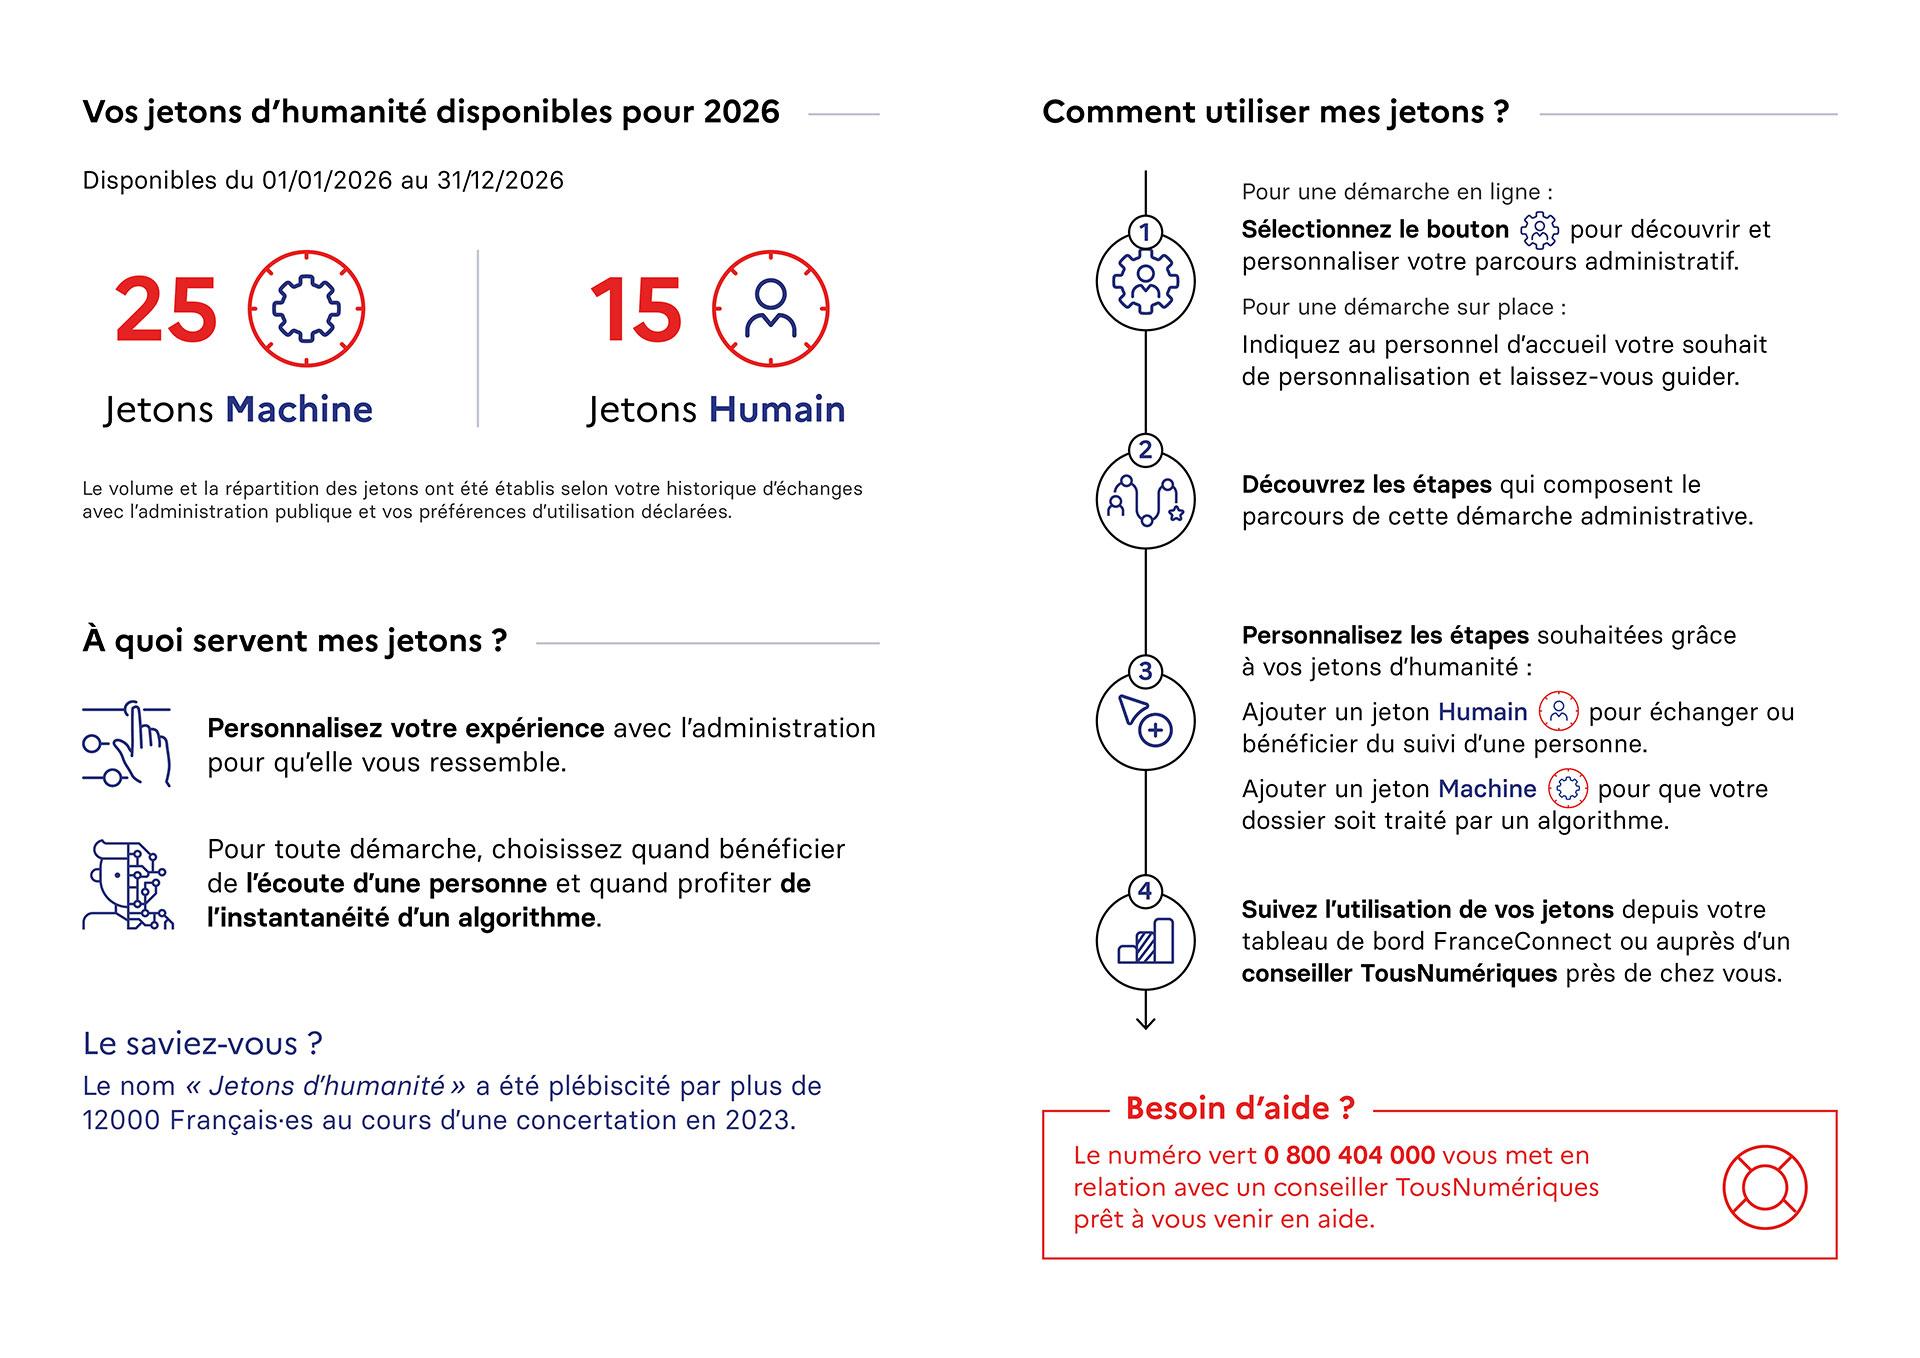 Pages internes du livret-relevé, présentant le nombre de jetons à disposition et la manière de les utiliser pour personnaliser sa démarche administrative